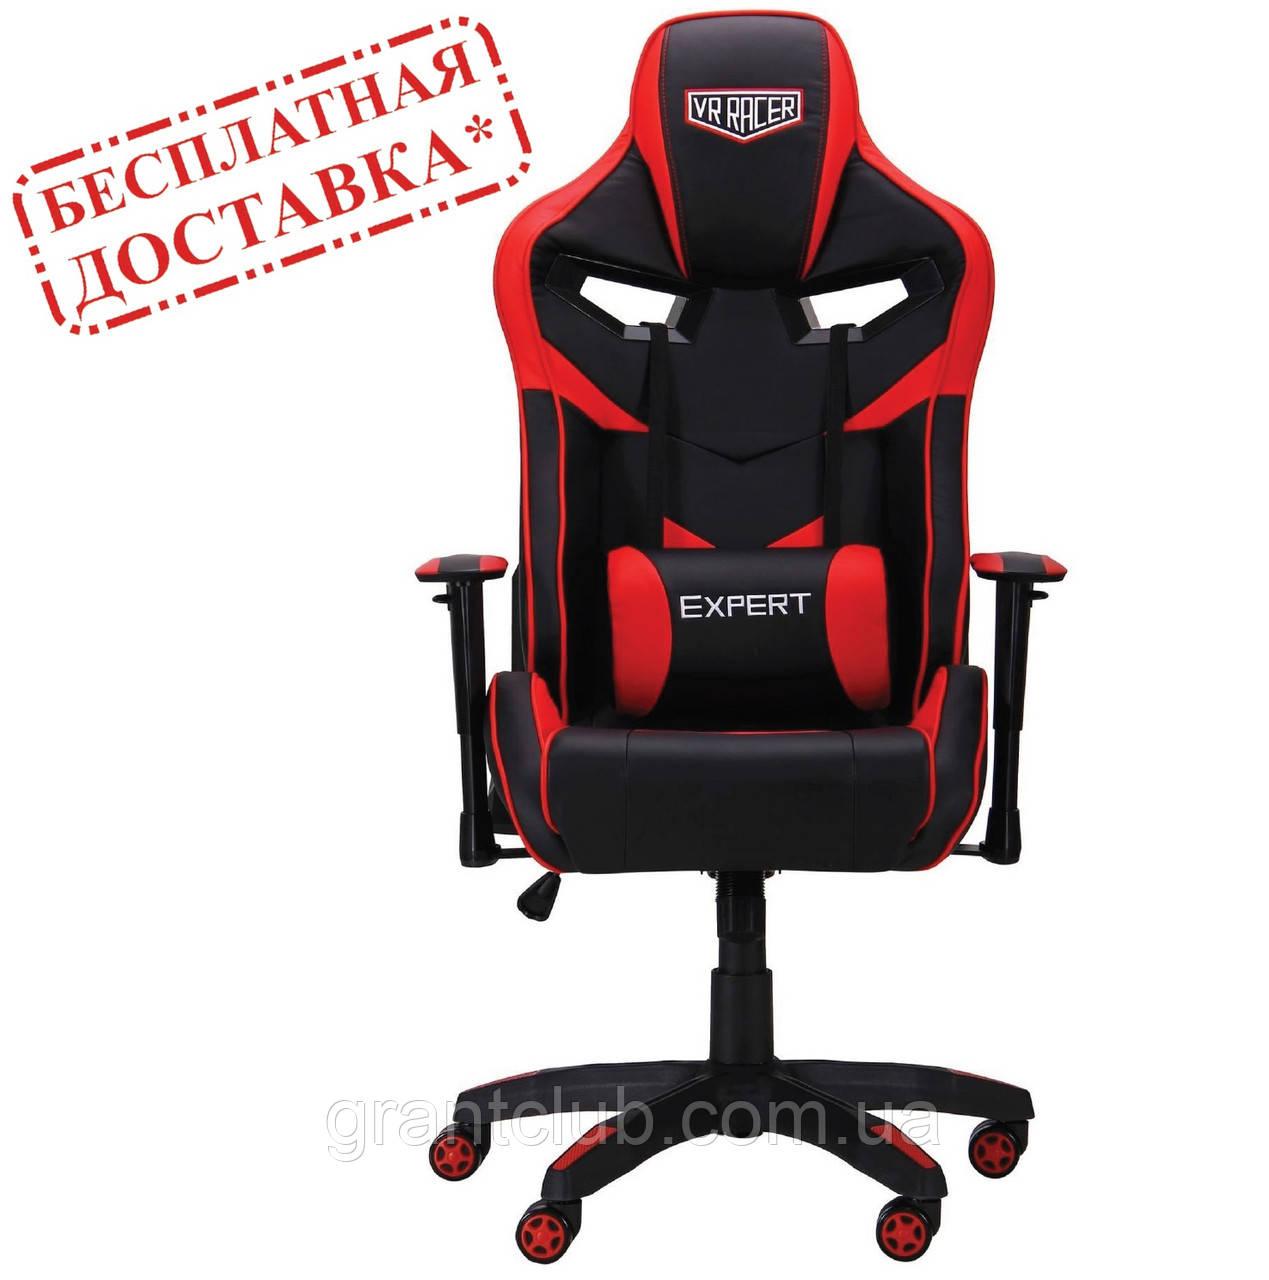 Офисное геймерское VR Racer Expert Winner черный/красный (бесплатная адресная доставка)